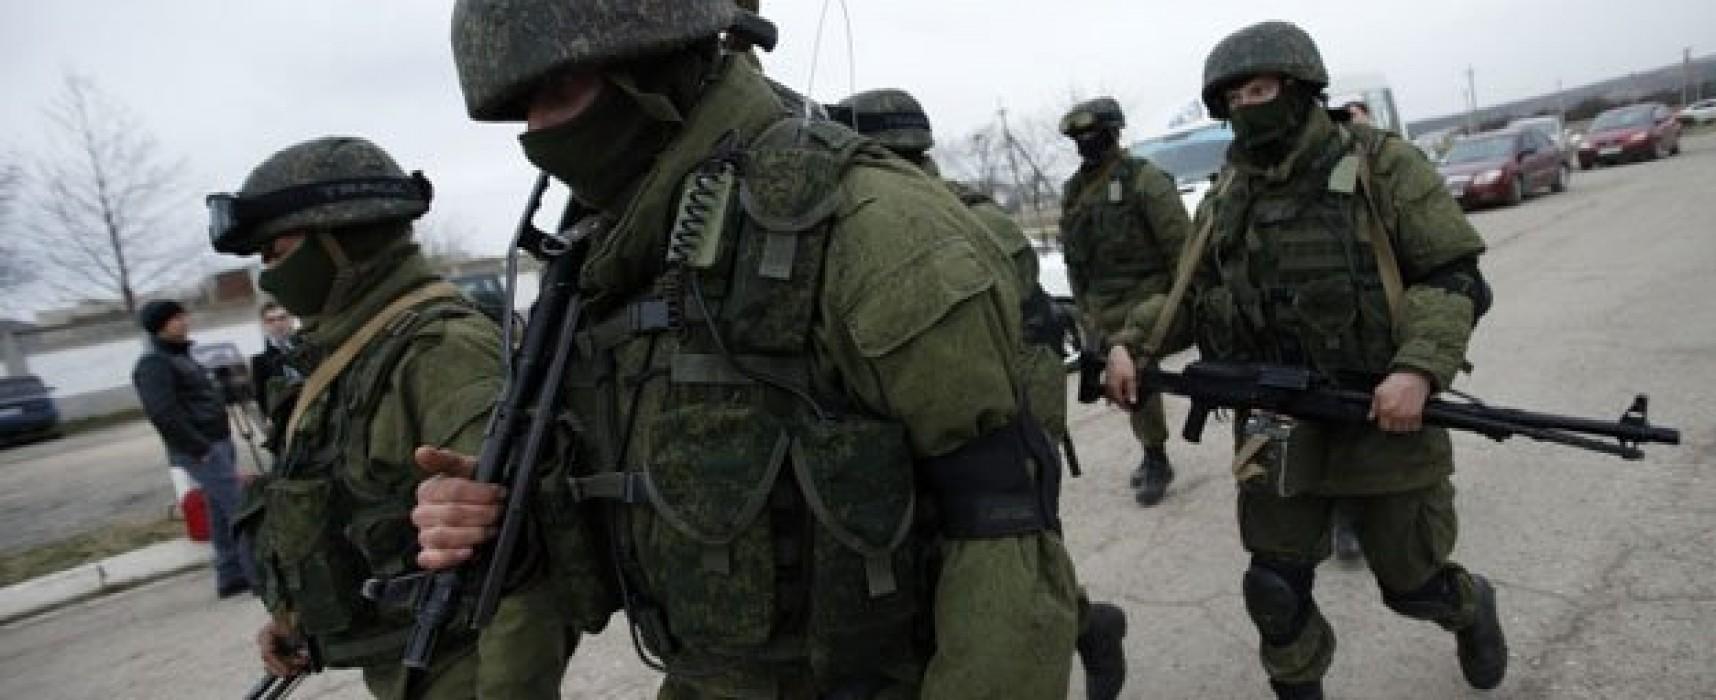 Per la Russia la guerra ibrida è un vettore di politica estera. Le parole di Gerasimov